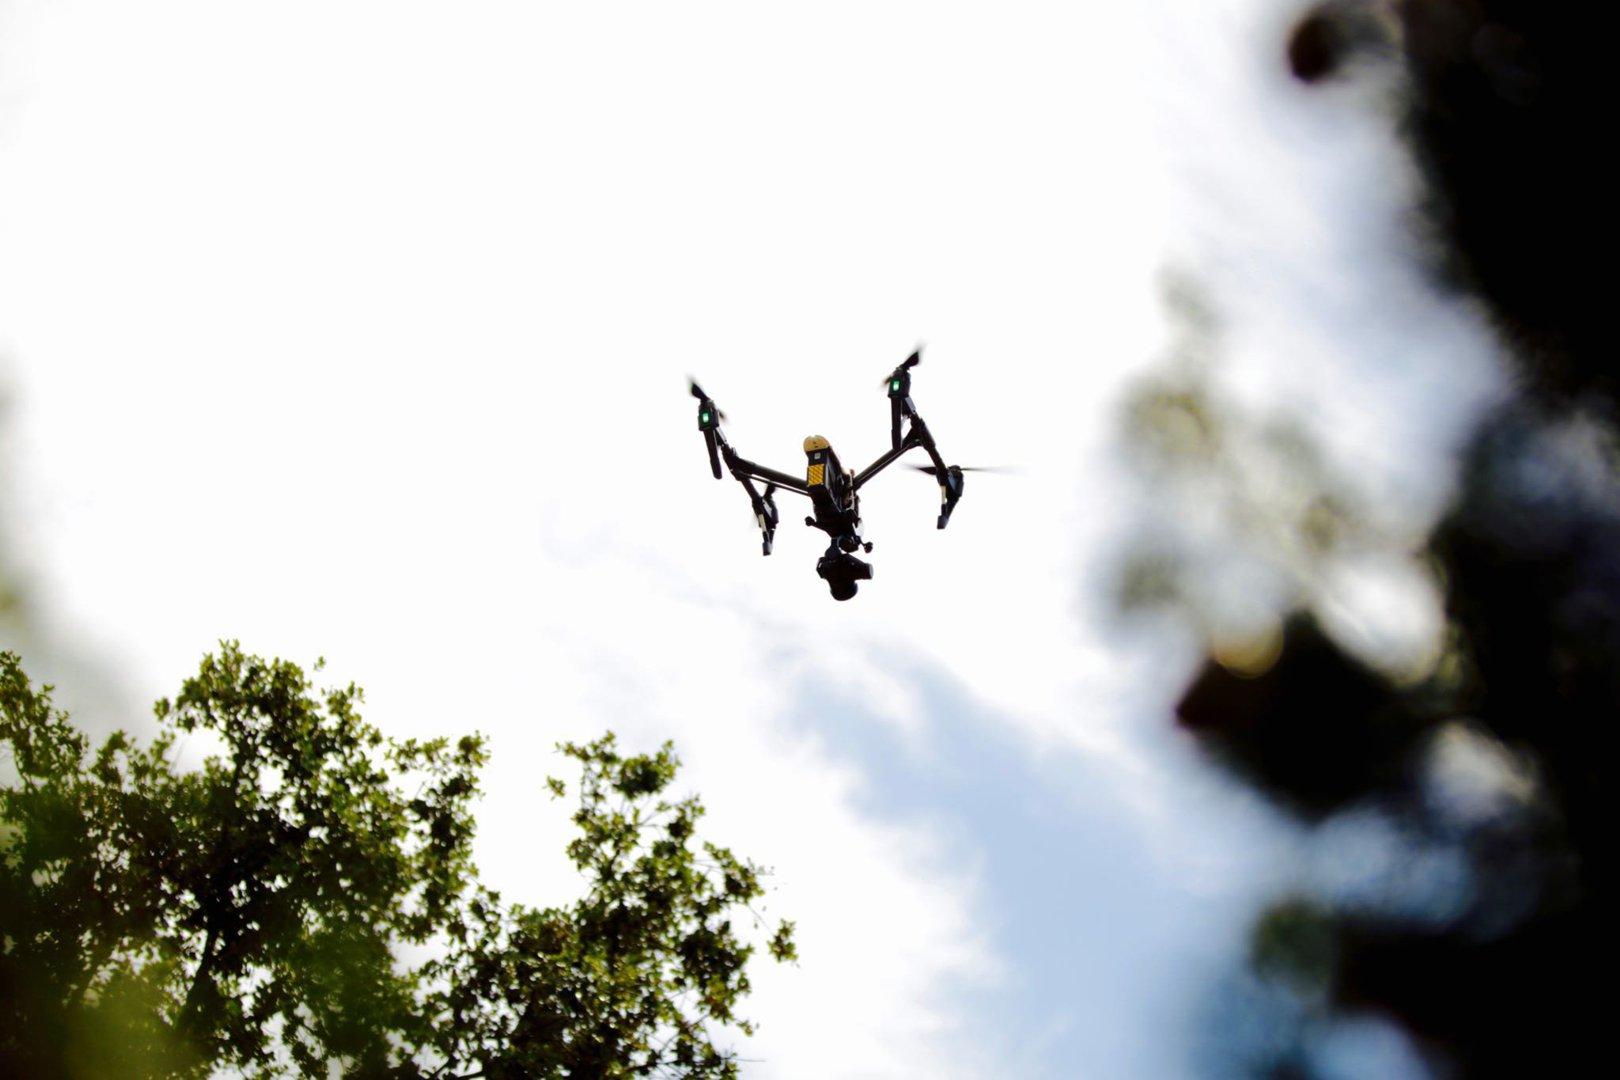 drone-operador-camara-cine-publicidad-tv-inspire-pro-dji